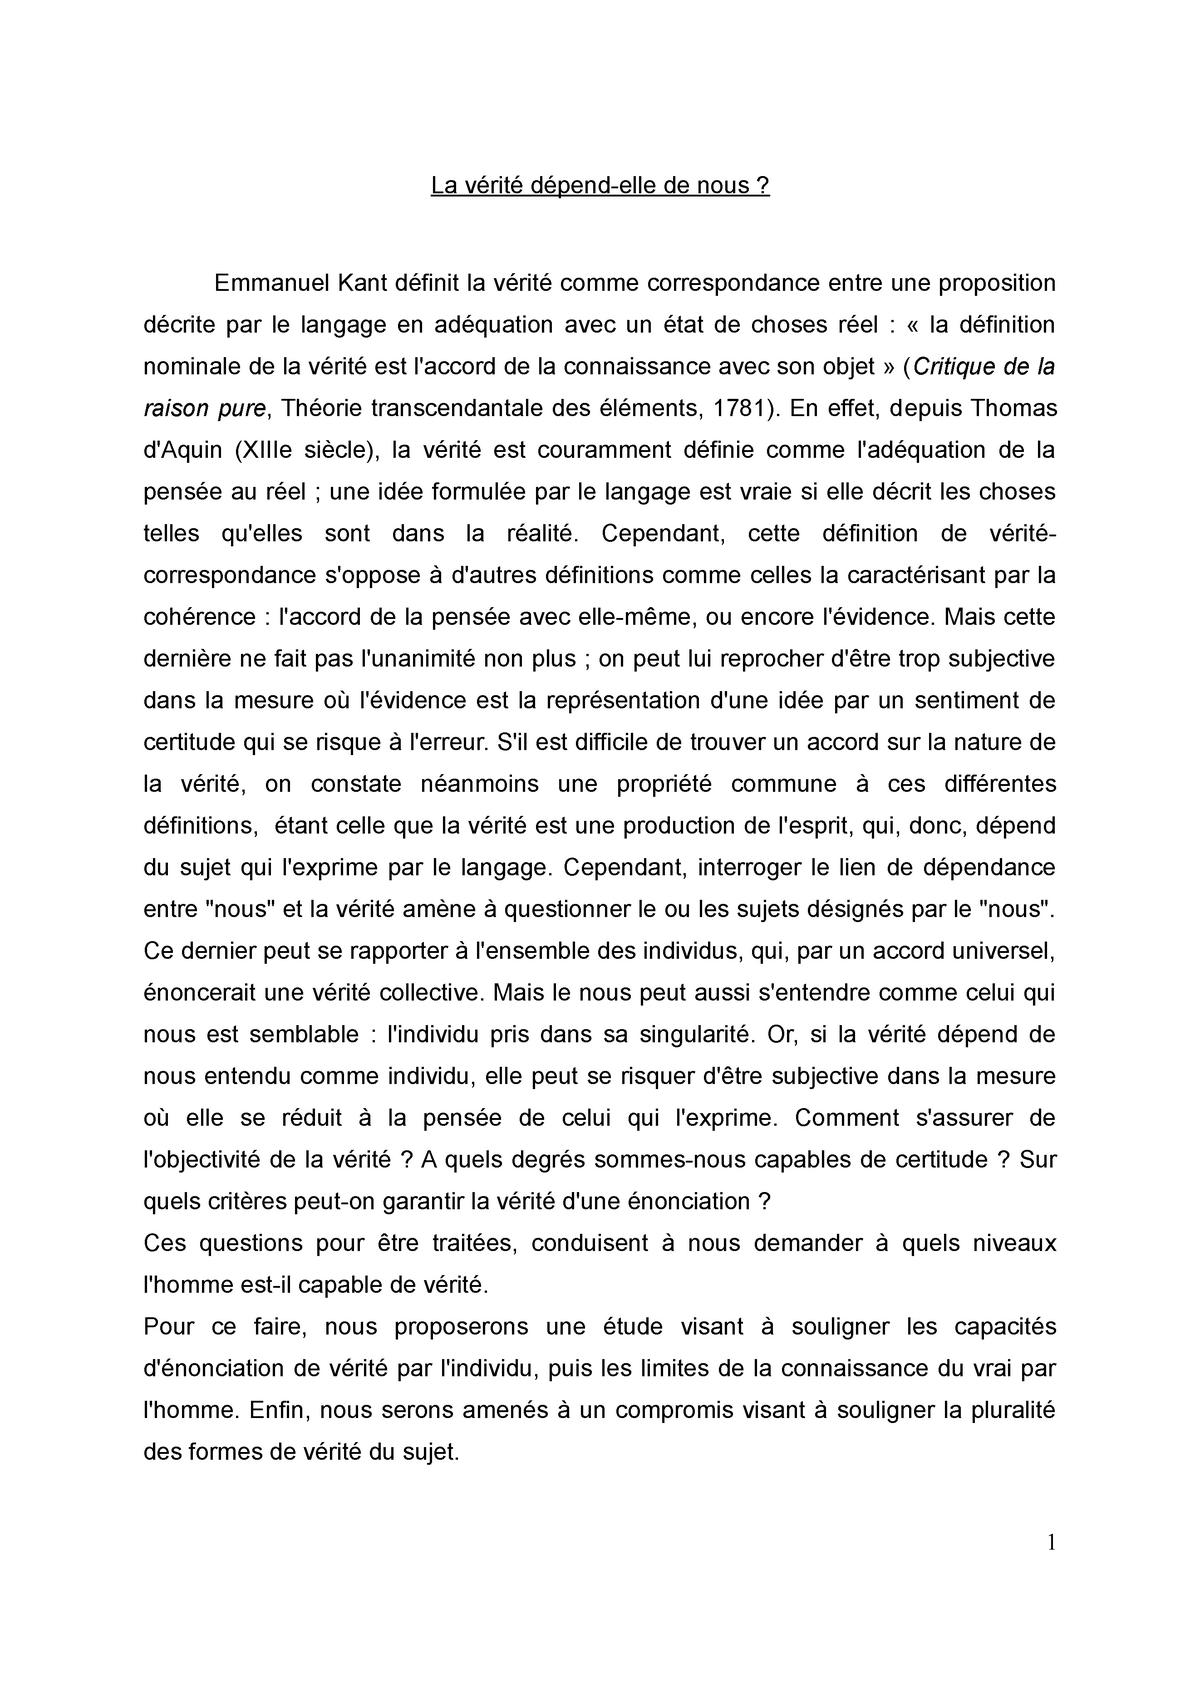 Dissertation La Verite Depend Elle De Nou Studocu Qu Est Ce Que